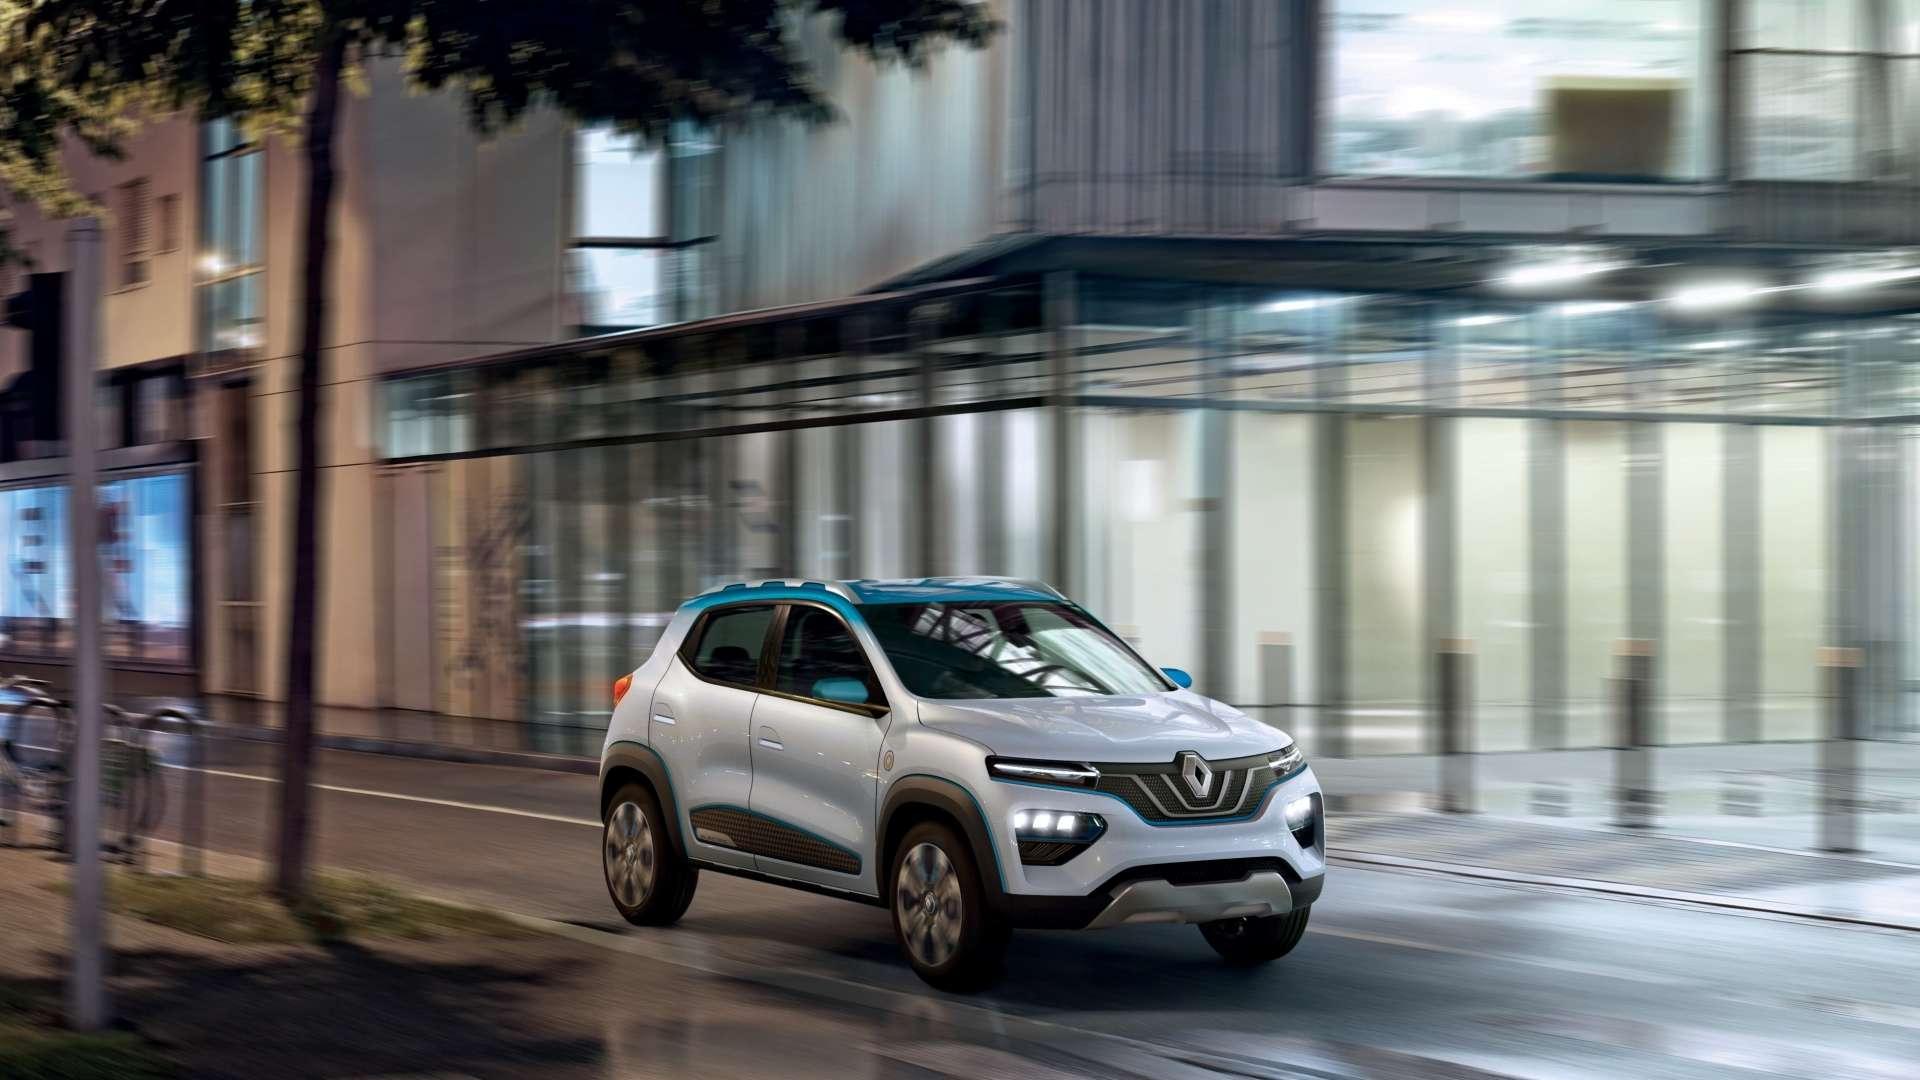 Breve Voiture Electrique Renault Veut Un Modele A Moins De 10 000 Euros